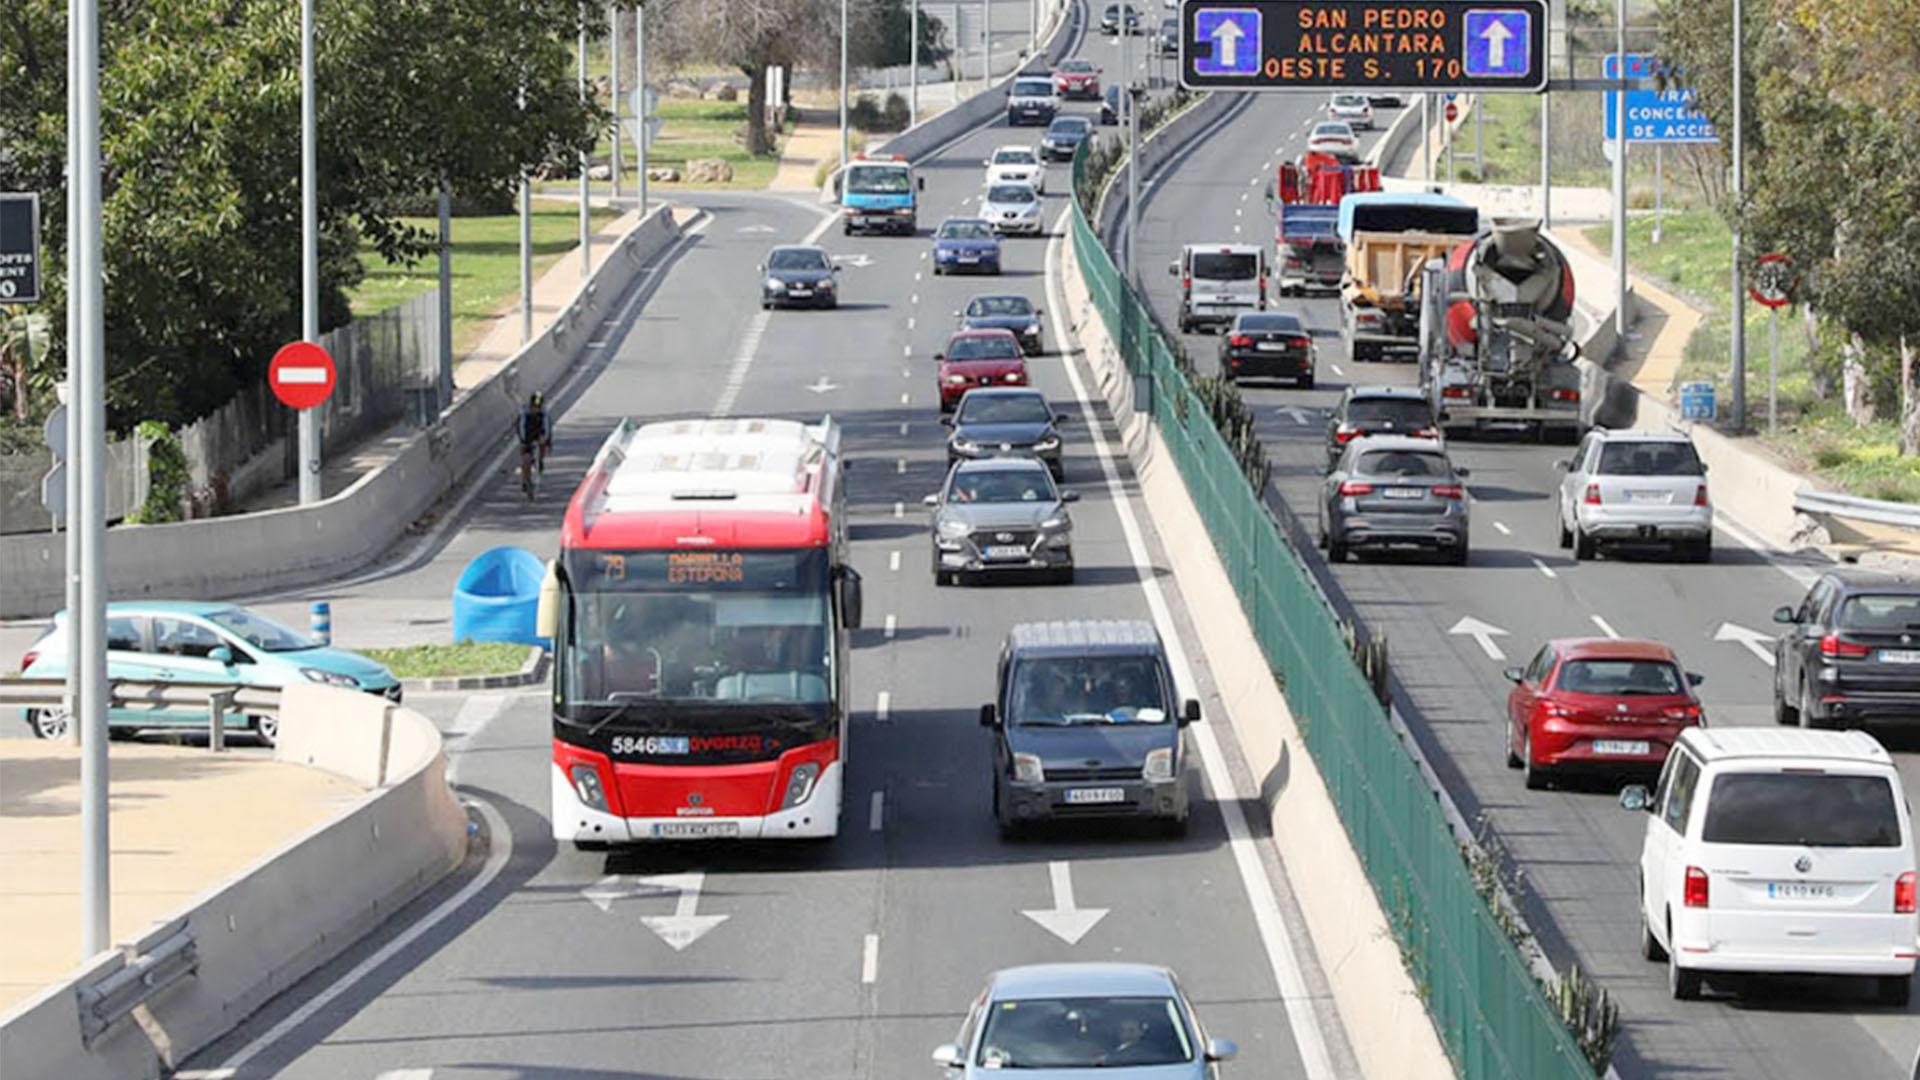 Se refuerzan este verano las líneas de autobús 12 y 13 de Nueva Andalucía y San Pedro Alcántara